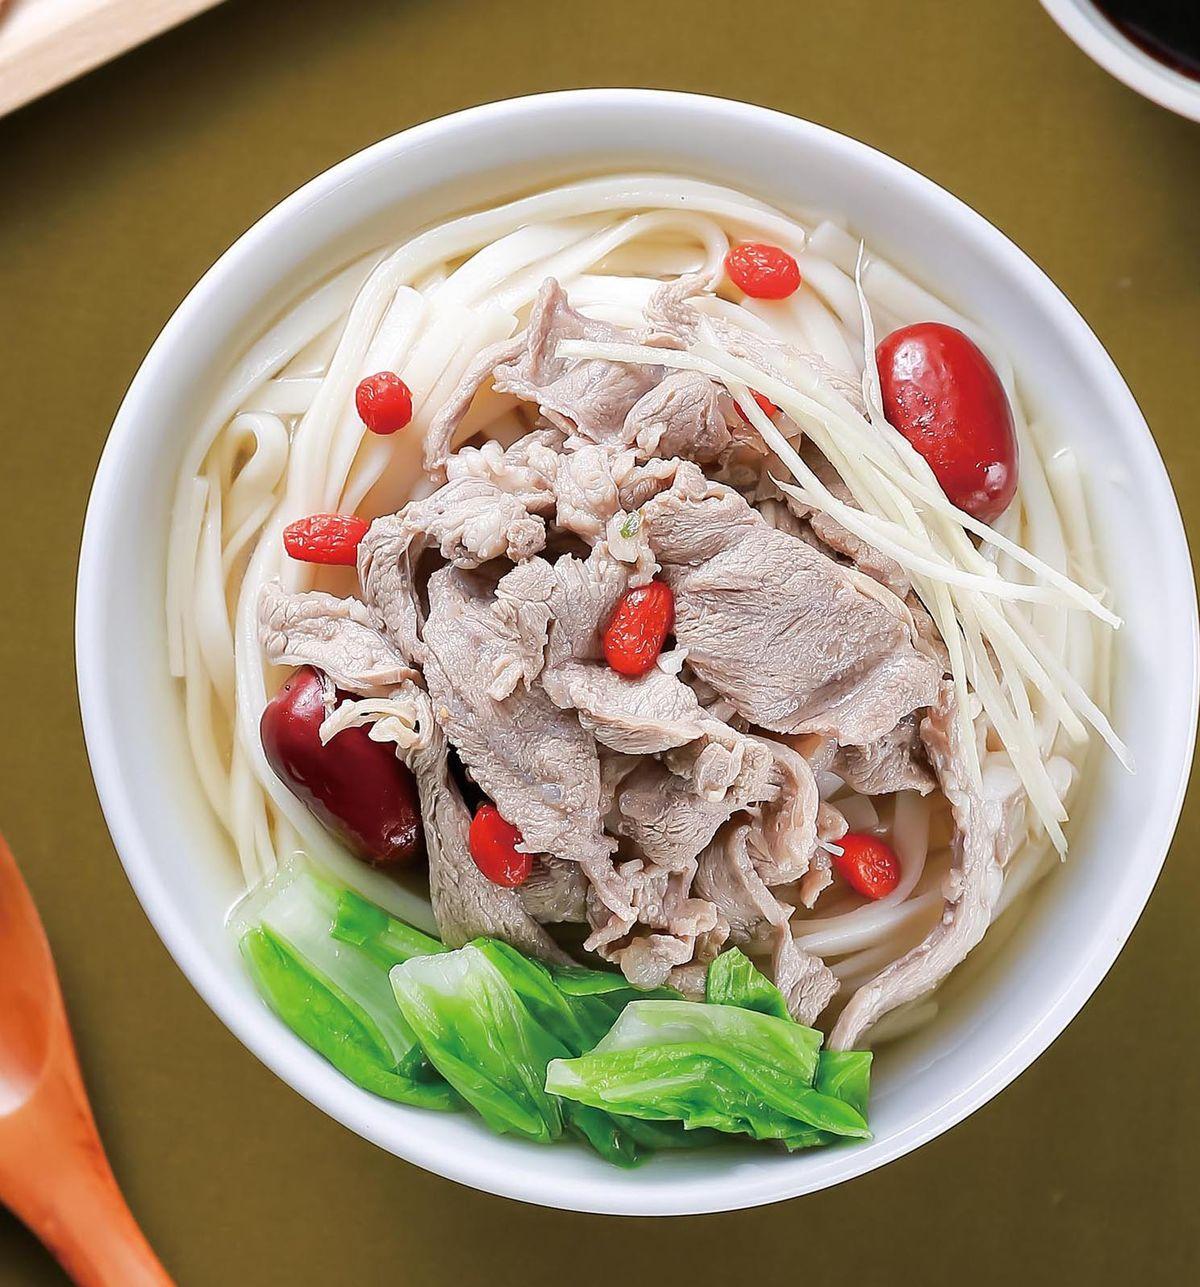 食譜:當歸羊肉片湯麵